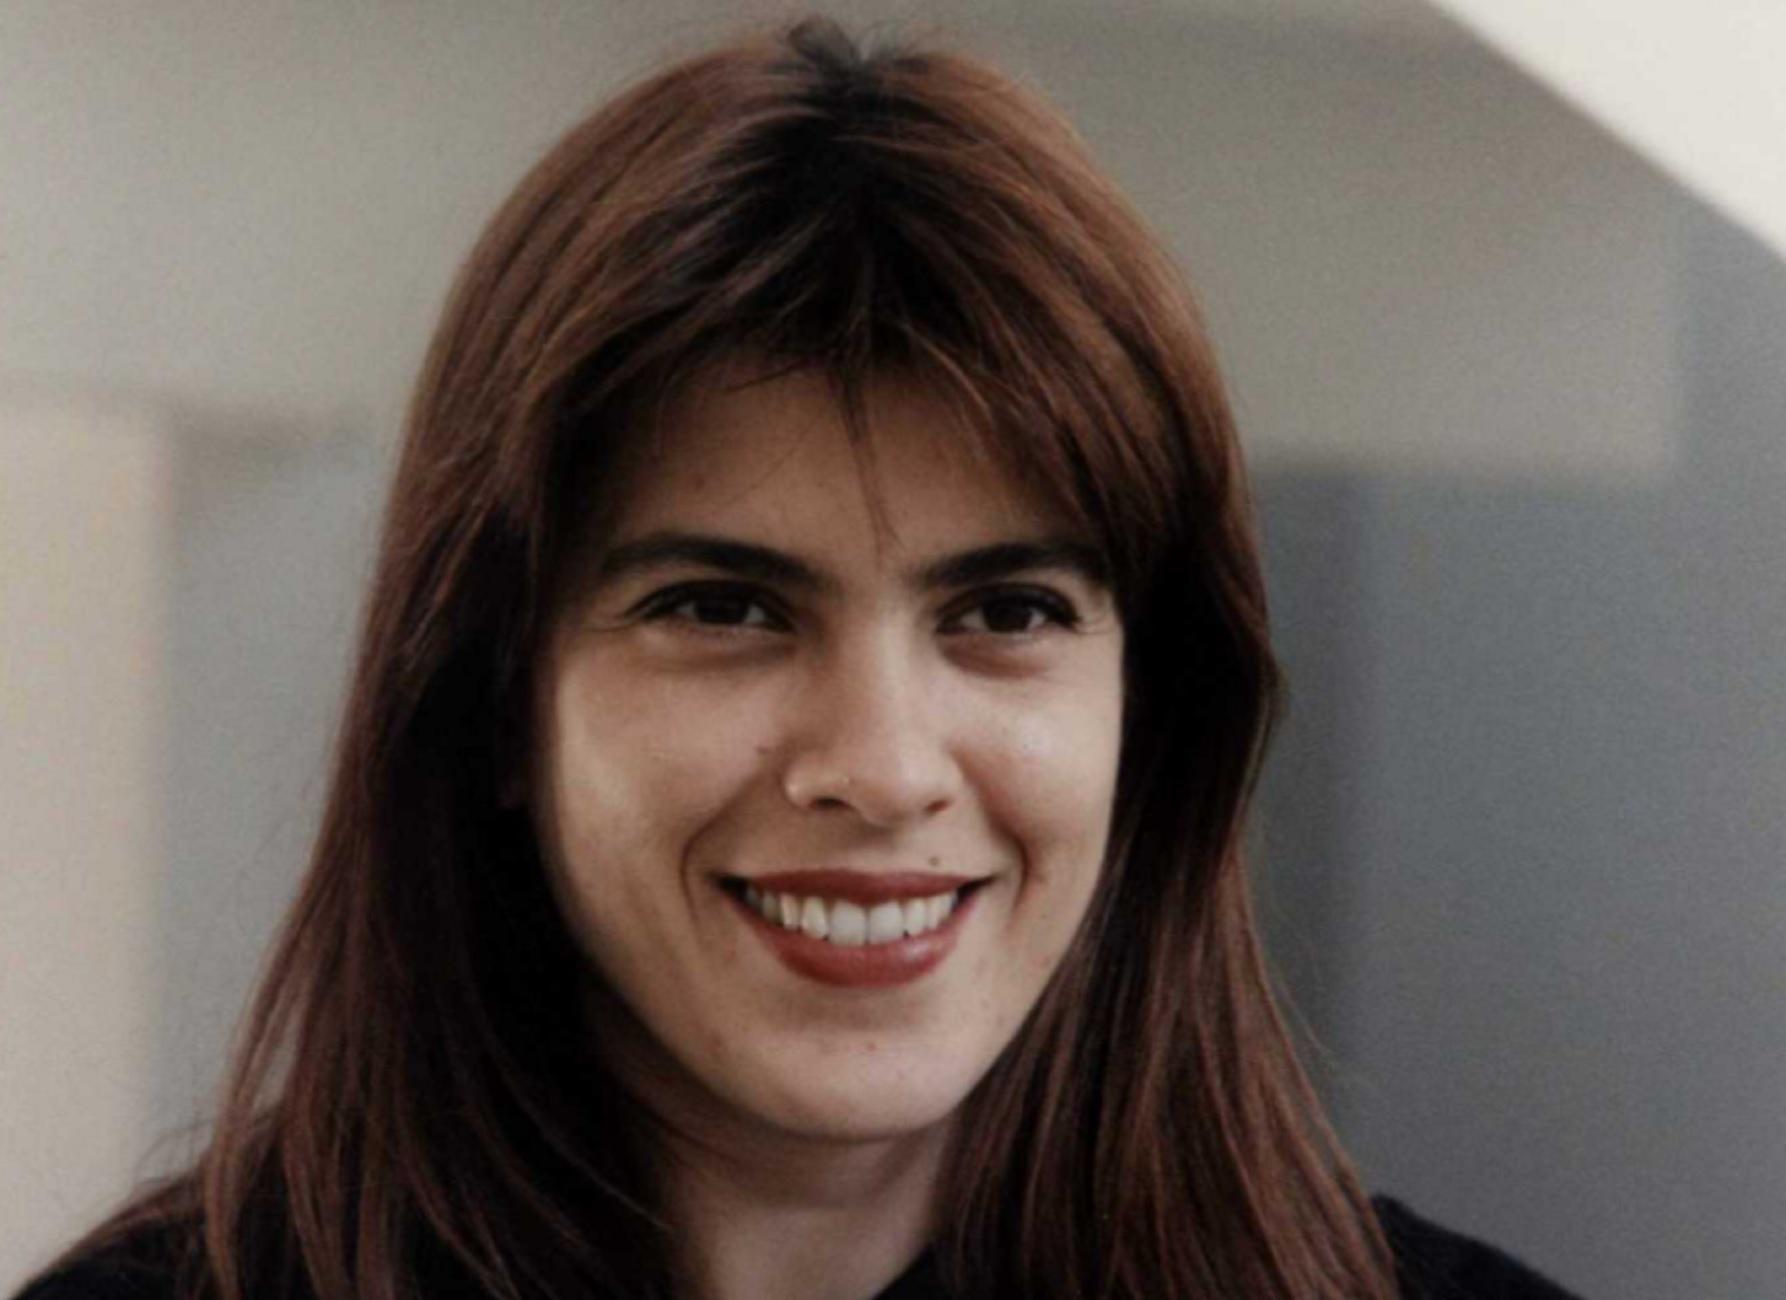 Έλλη Παπαγεωργακοπούλου: Η πορεία της σπουδαίας σκηνογράφου και ενδυματολόγου